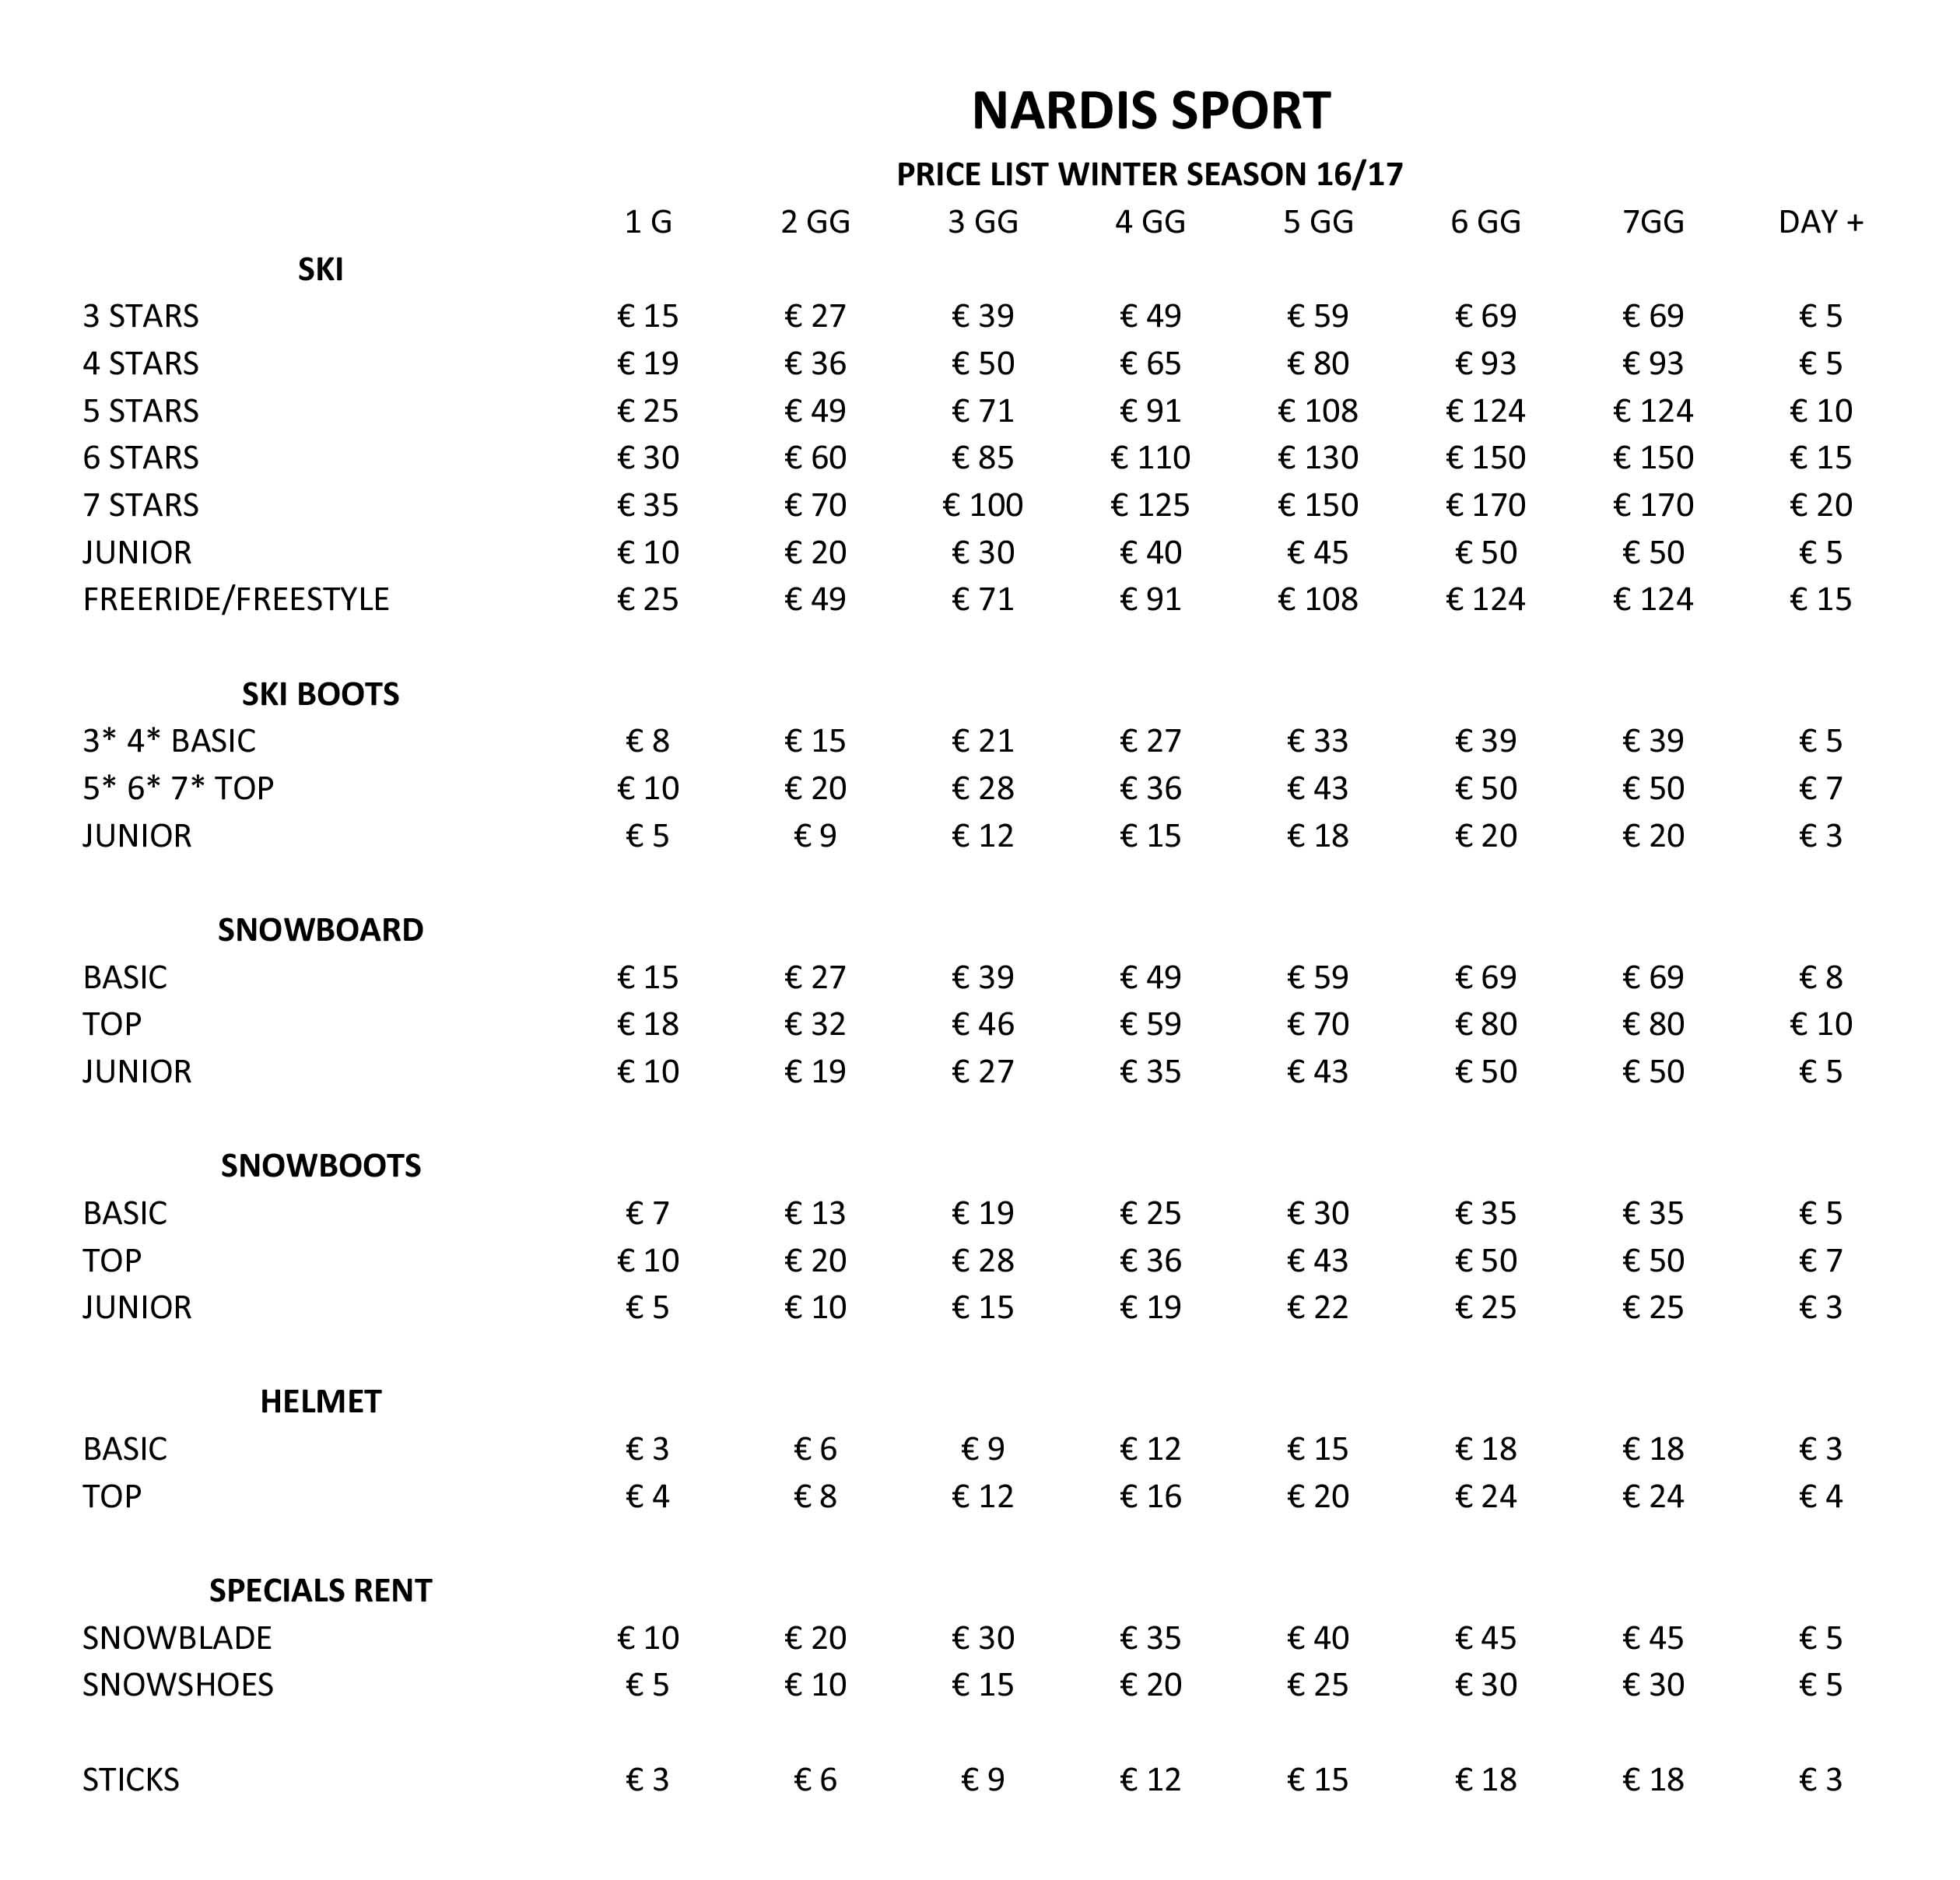 prezzi noleggio sci e snowboard Pinzolo Nardis Sport 2016-17